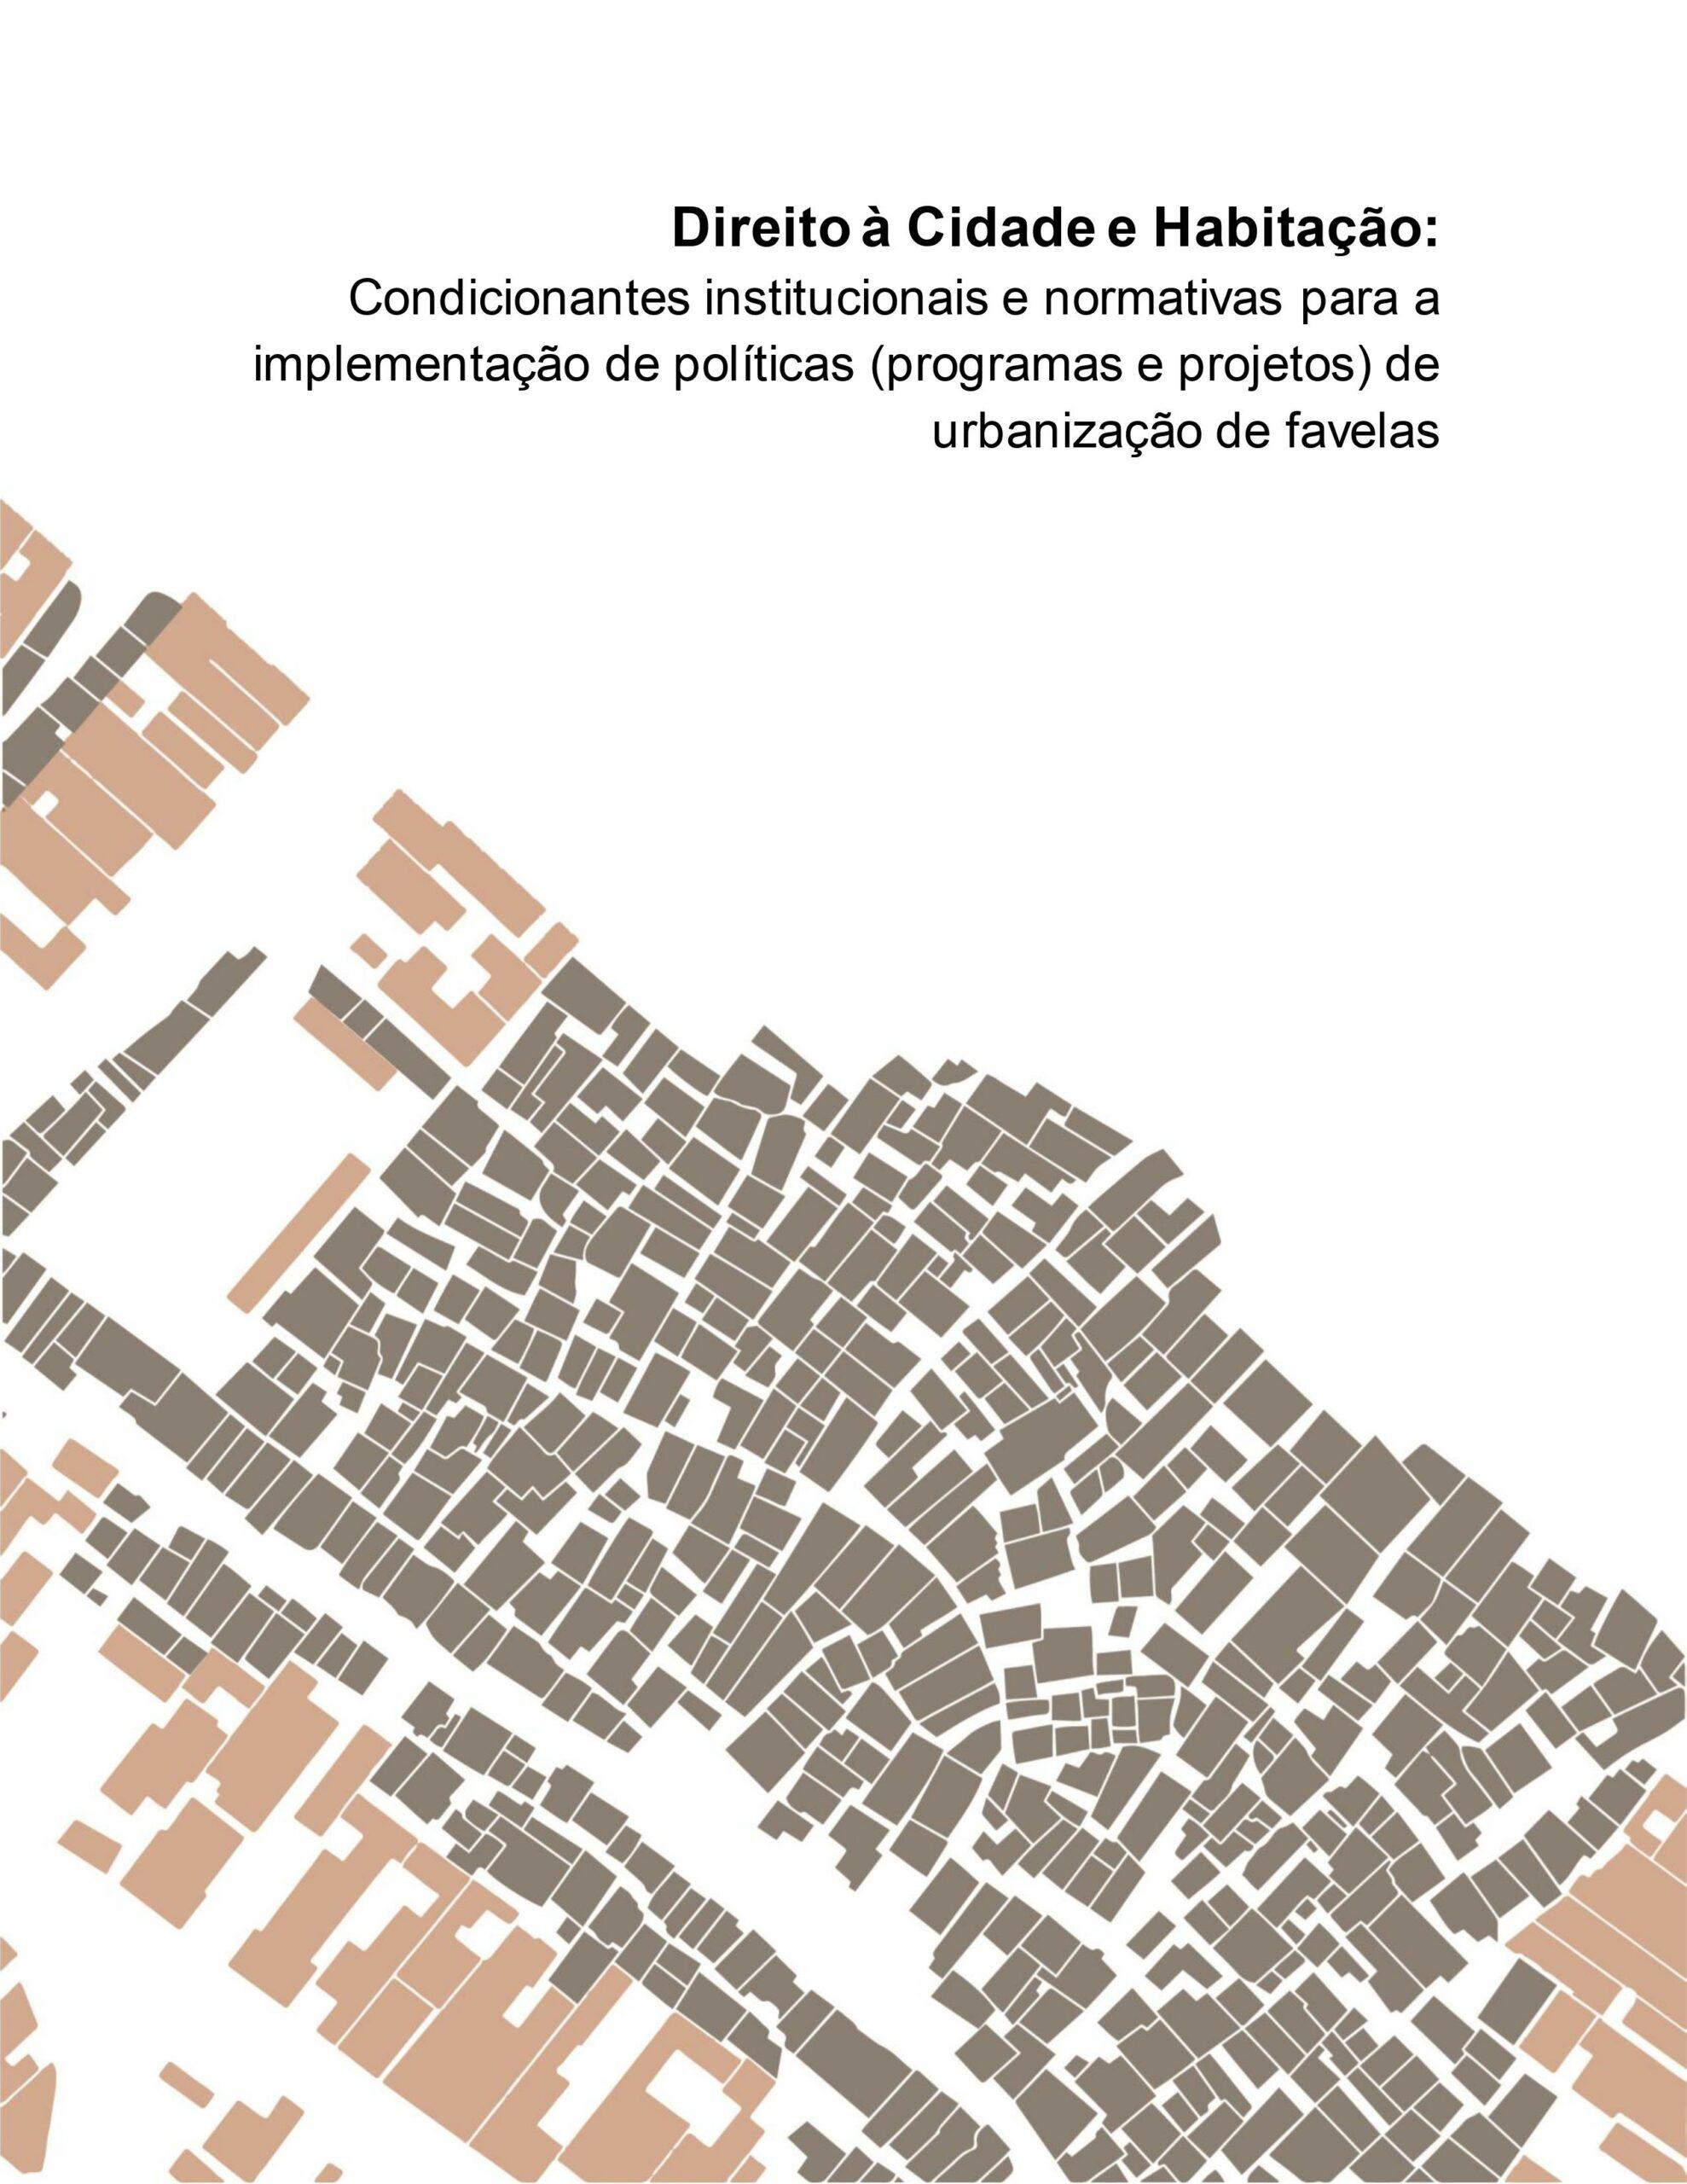 Direito à Cidade e Habitação: resultados da pesquisa sobre a implementação de políticas de urbanização de favelas